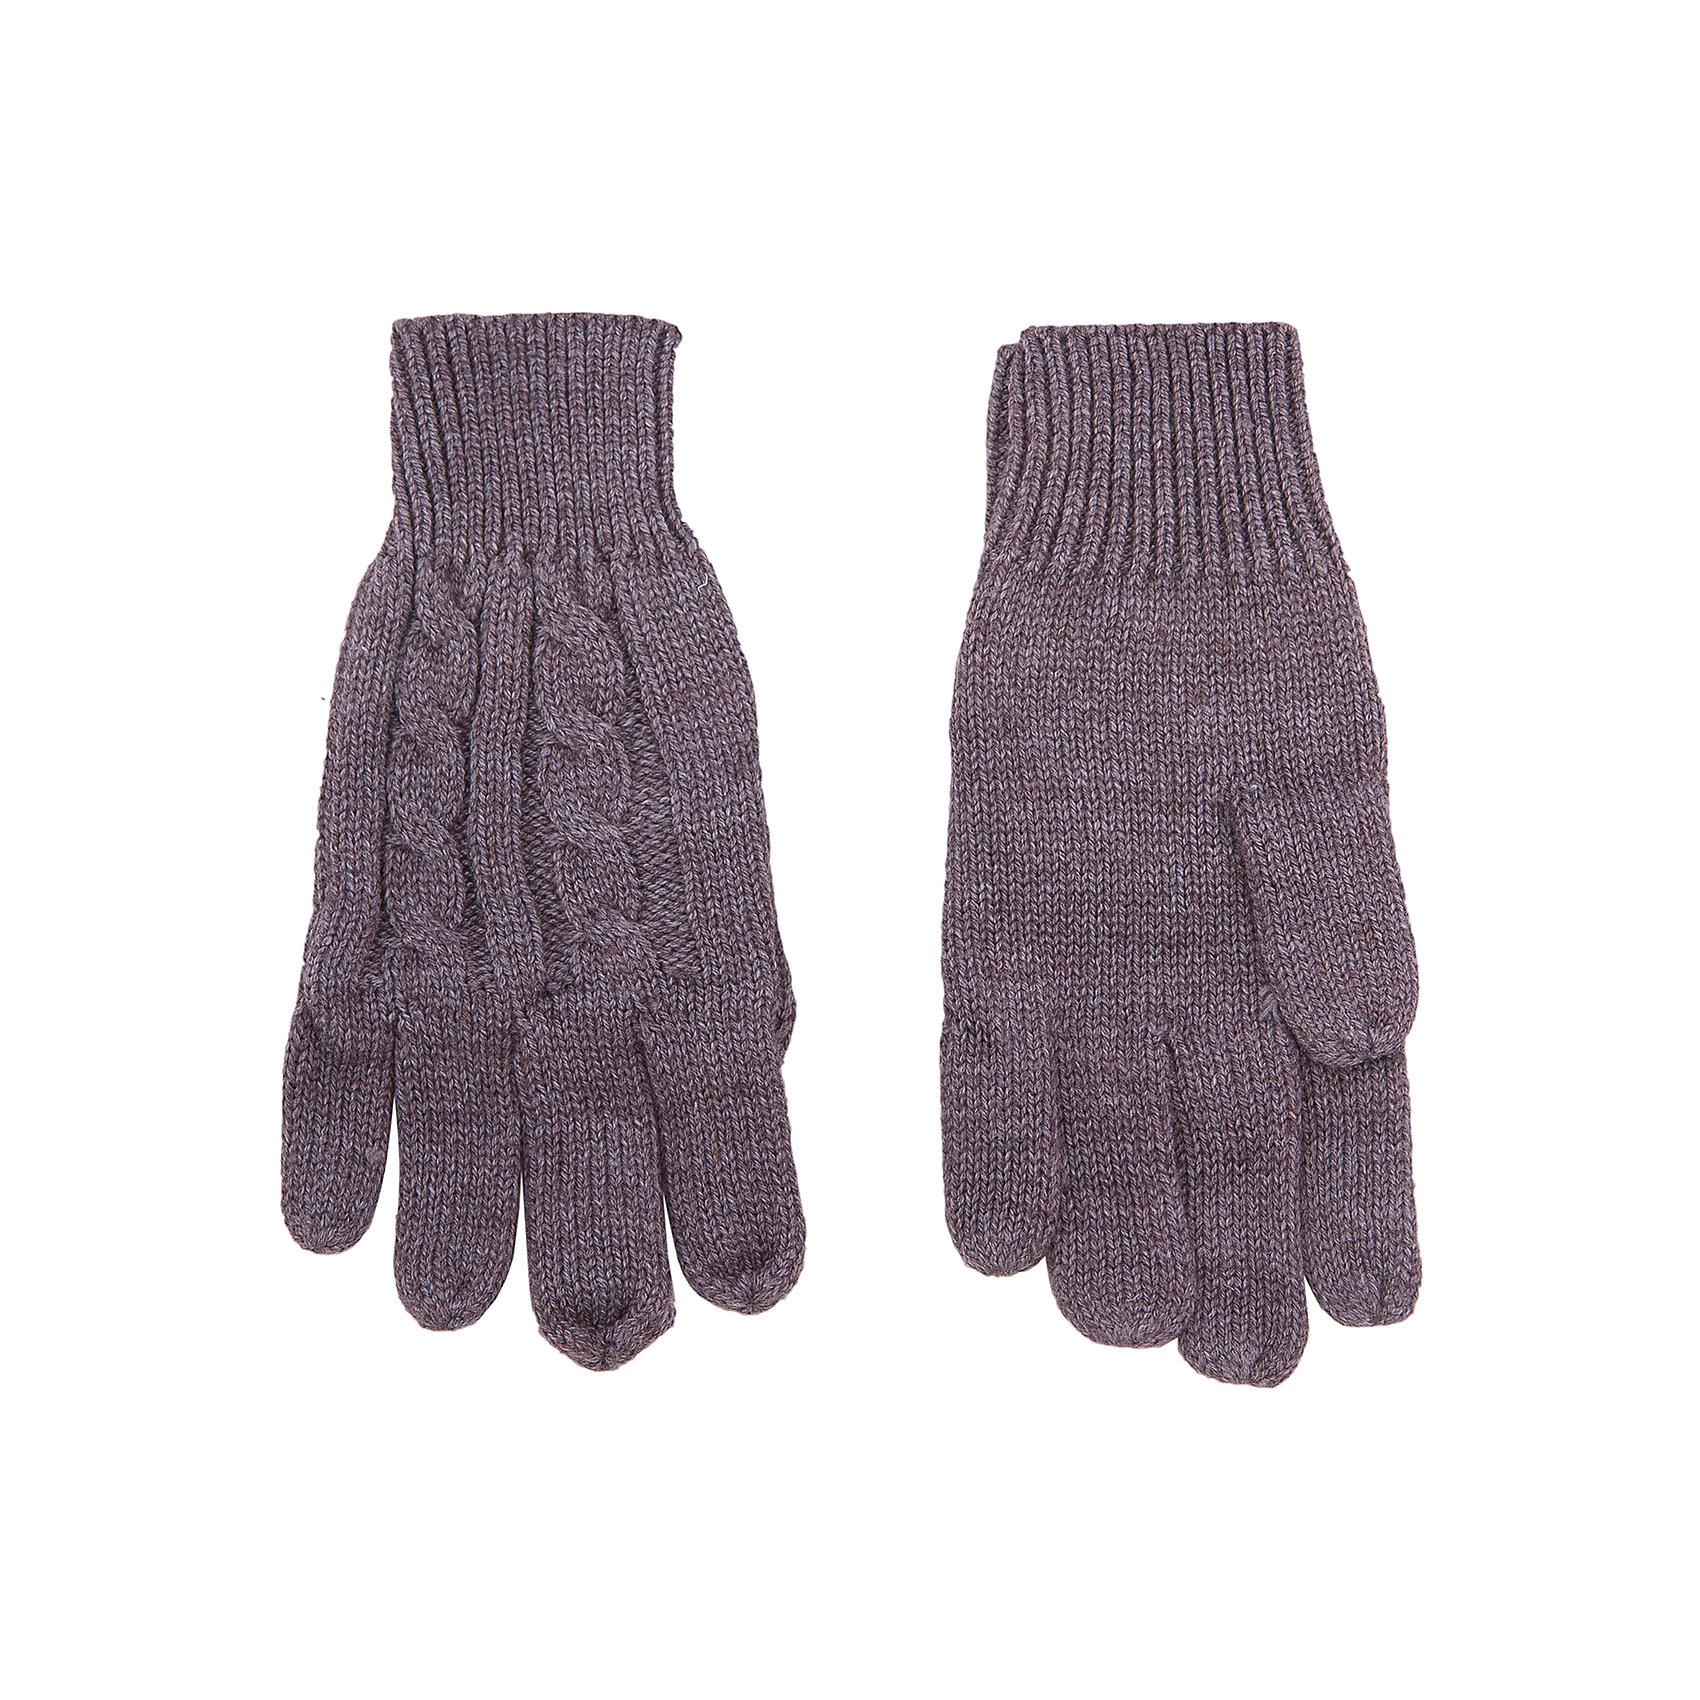 Перчатки для мальчика SELAУдобные теплые перчатки - незаменимая вещь в прохладное время года. Эта модель отлично сидит на руке, она сделана из плотного материала, позволяет гулять с комфортом на свежем воздухе зимой. Качественная пряжа не вызывает аллергии и обеспечивает ребенку комфорт. Модель будет уместна в различных сочетаниях.<br>Одежда от бренда Sela (Села) - это качество по приемлемым ценам. Многие российские родители уже оценили преимущества продукции этой компании и всё чаще приобретают одежду и аксессуары Sela.<br><br>Дополнительная информация:<br><br>цвет: серый;<br>материал: 40% ПЭ, 30% акрил, 20% нейлон, 10% шерсть;<br>вязаный узор.<br><br>Перчатки для мальчика от бренда Sela можно купить в нашем интернет-магазине.<br><br>Ширина мм: 162<br>Глубина мм: 171<br>Высота мм: 55<br>Вес г: 119<br>Цвет: коричневый<br>Возраст от месяцев: 0<br>Возраст до месяцев: 3<br>Пол: Мужской<br>Возраст: Детский<br>Размер: 5,6.5<br>SKU: 5008008